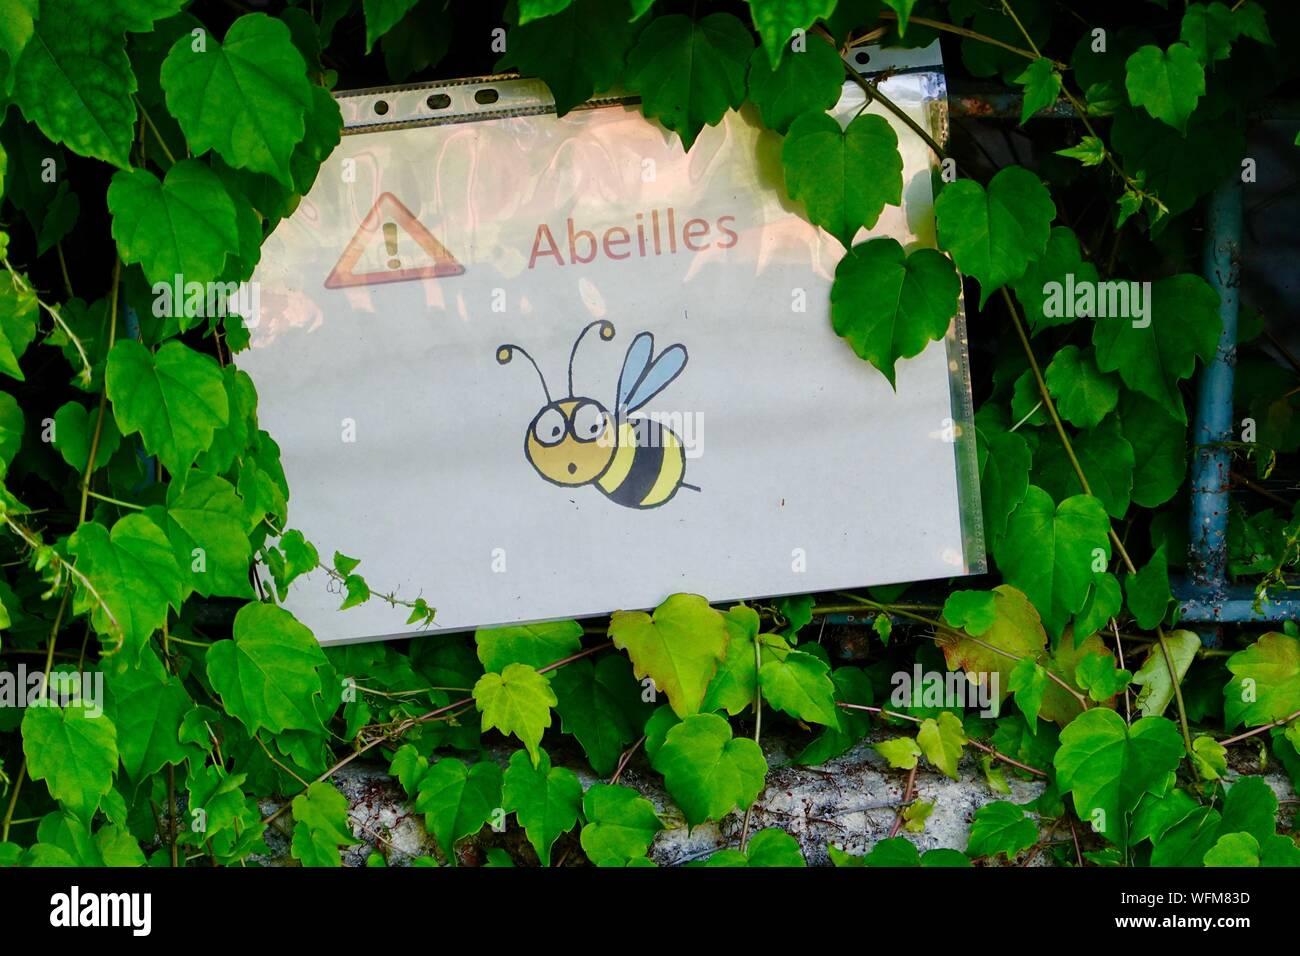 bees-abeilles-hand-made-sign-stuck-insid